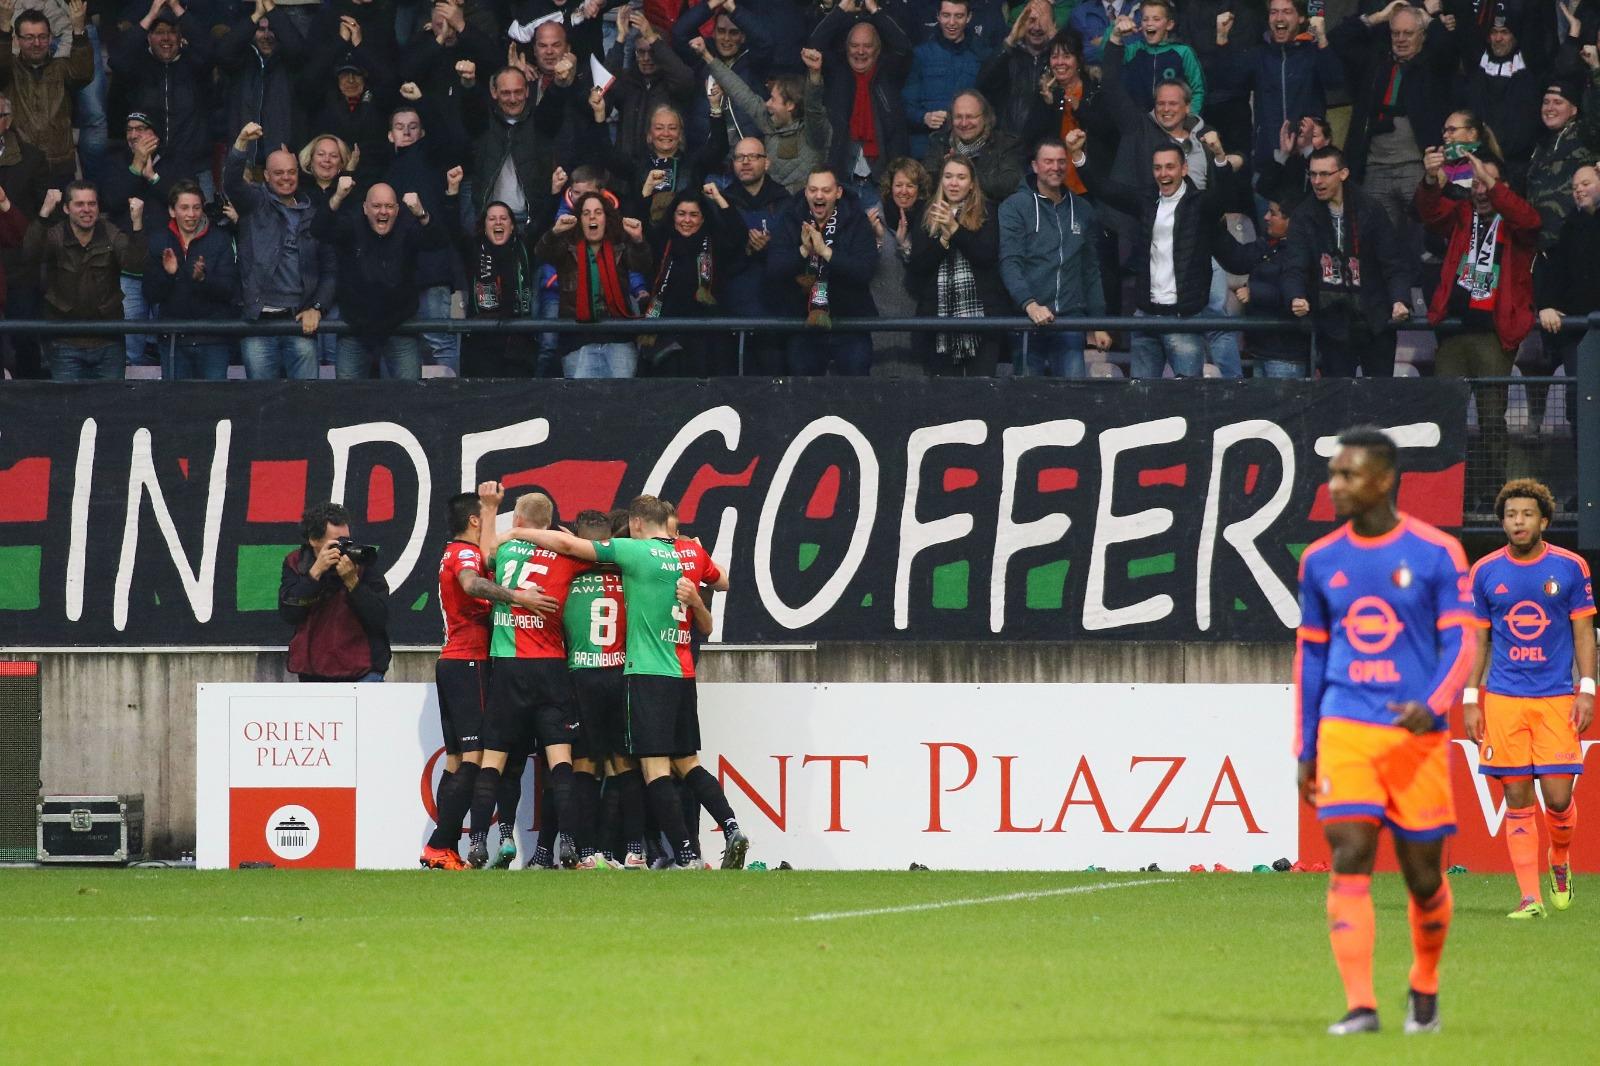 Memorabele momenten: NEC verslaat Feyenoord in eigen huis